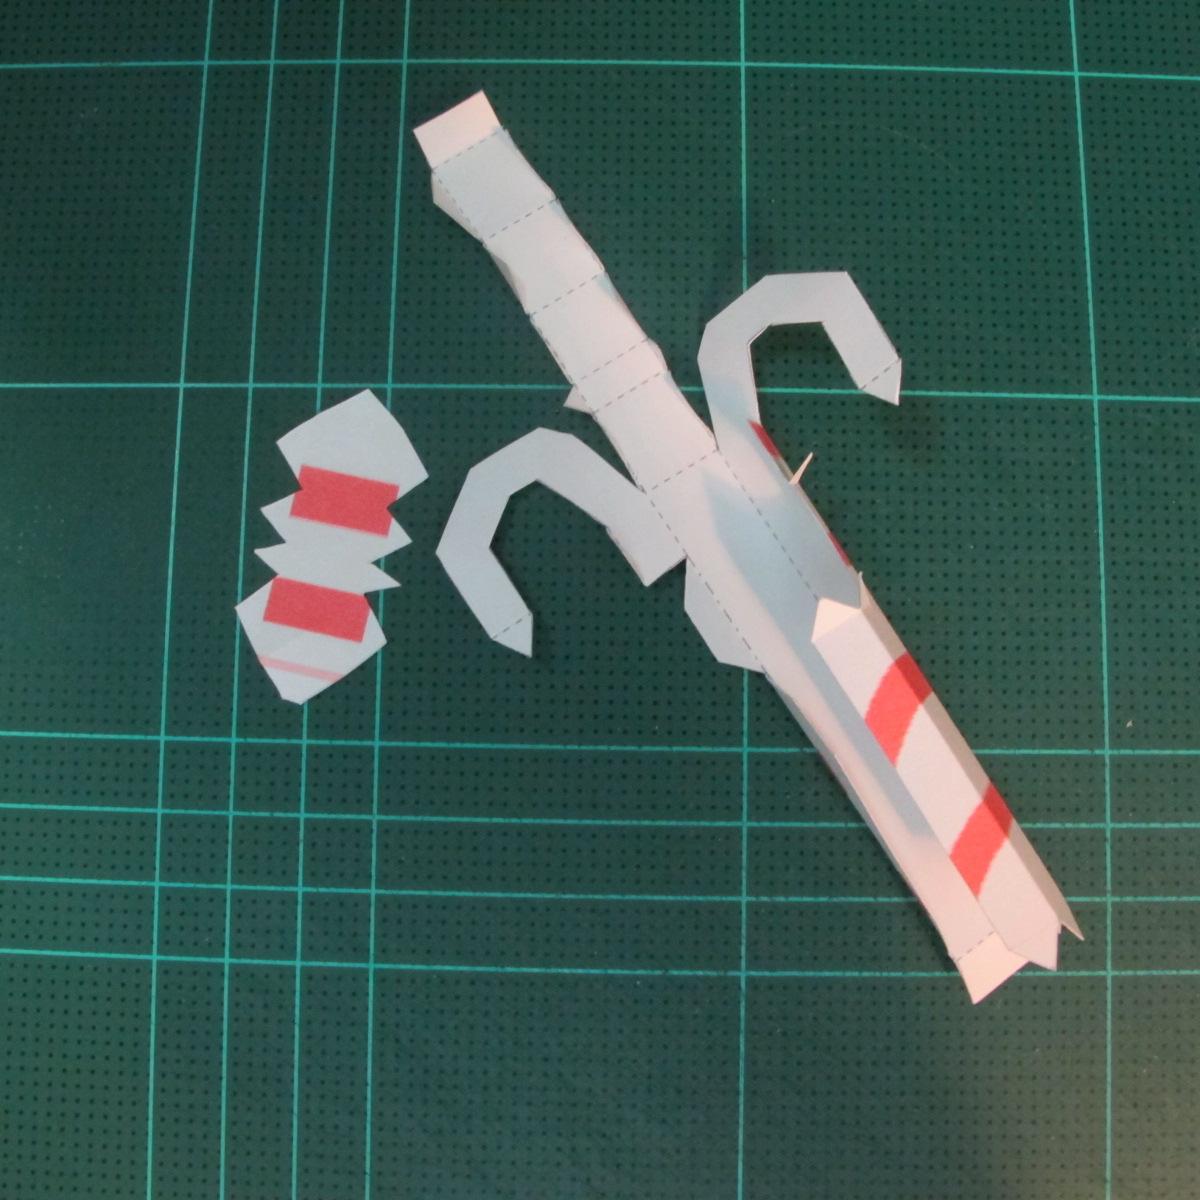 วิธีทำโมเดลกระดาษตุ้กตาคุกกี้รัน คุกกี้ผู้กล้าหาญ แบบที่ 2 (LINE Cookie Run Brave Cookie Papercraft Model Version 2) 013